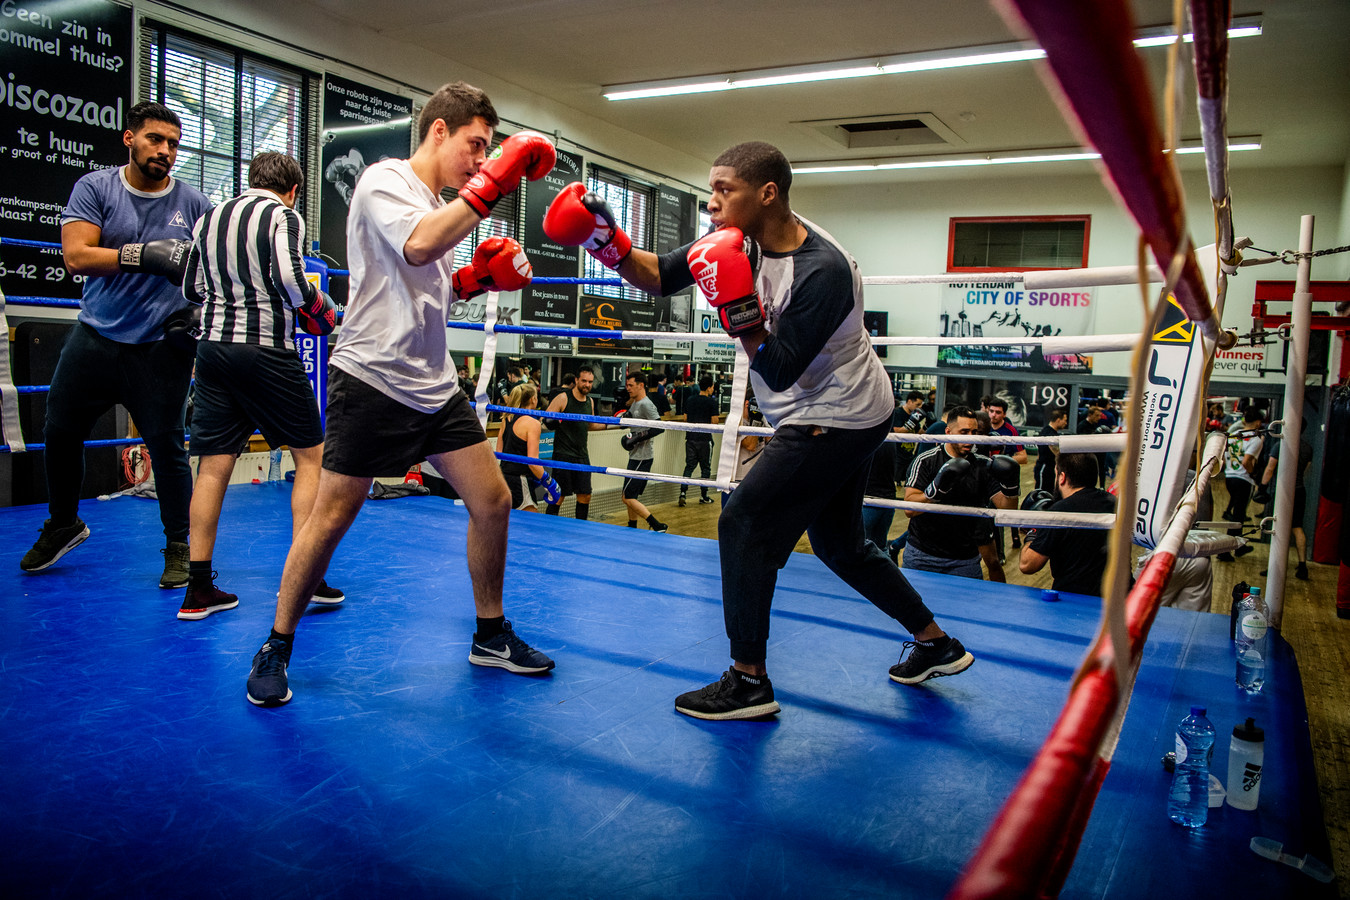 Recreatieve boksers bij boksschool Van 't Hof in Rotterdam Crooswijk